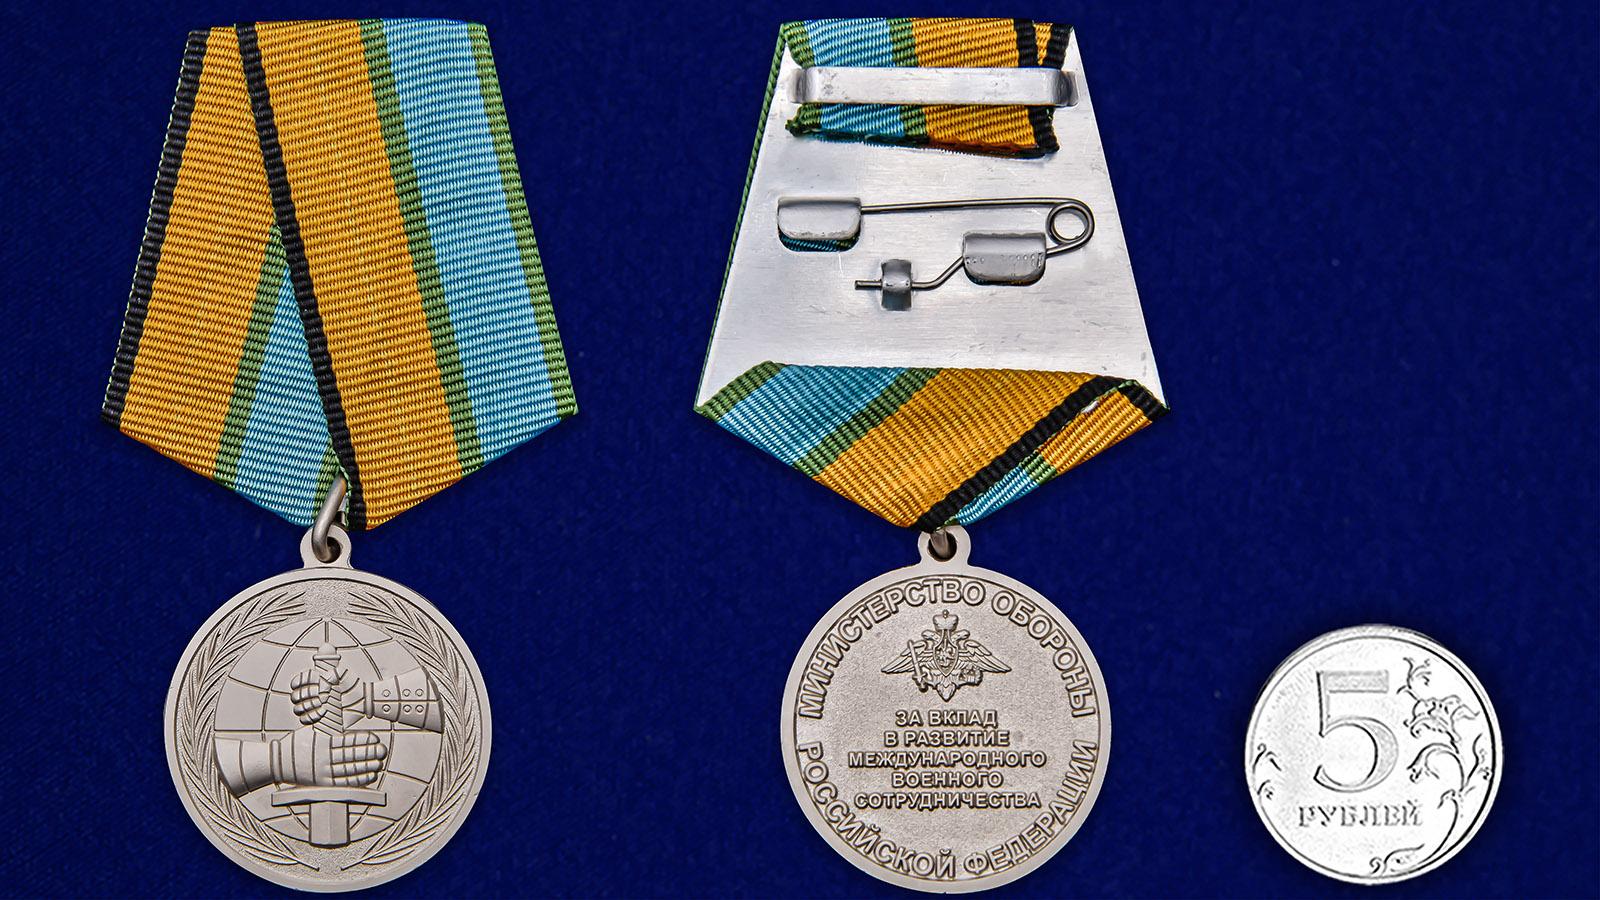 Латунная медаль МО РФ За вклад в развитие международного военного сотрудничества - сравнительный вид